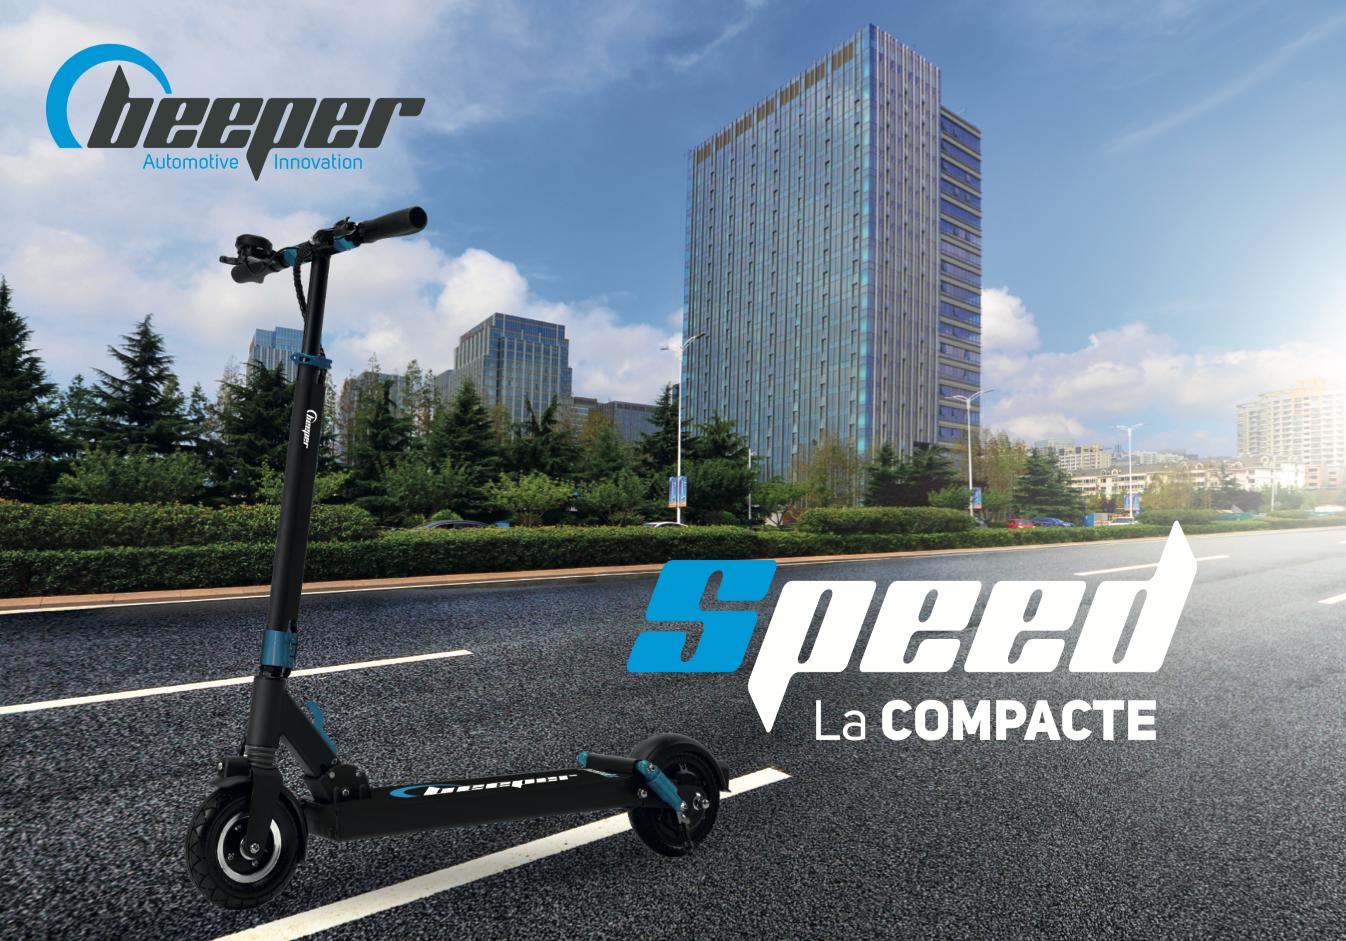 Trottinette électrique Beeper SPEED G2 - Plaquette de présentation